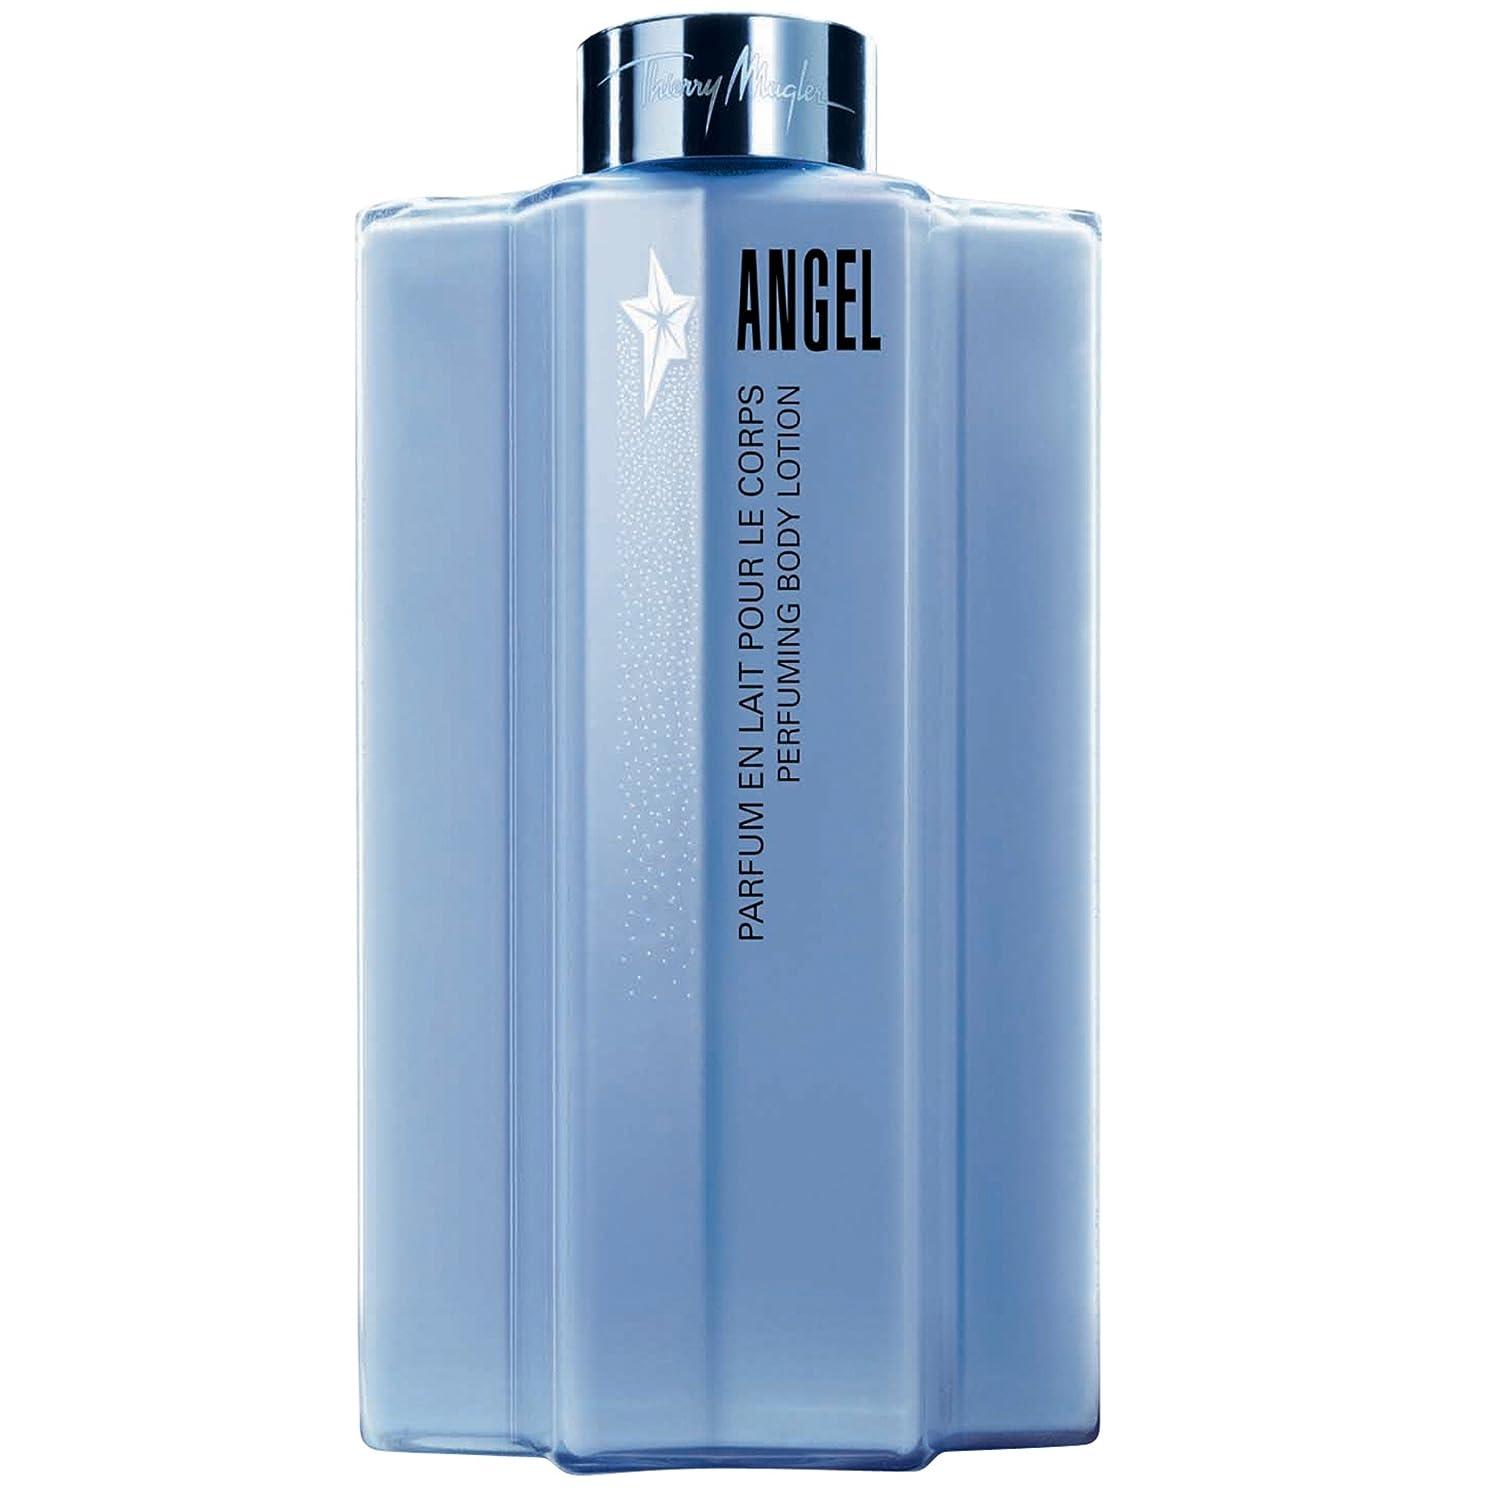 細菌地元ハプニングティエリー?ミュグレー天使のボディローション (Thierry Mugler) (x6) - Thierry Mugler Angel Body Lotion (Pack of 6) [並行輸入品]